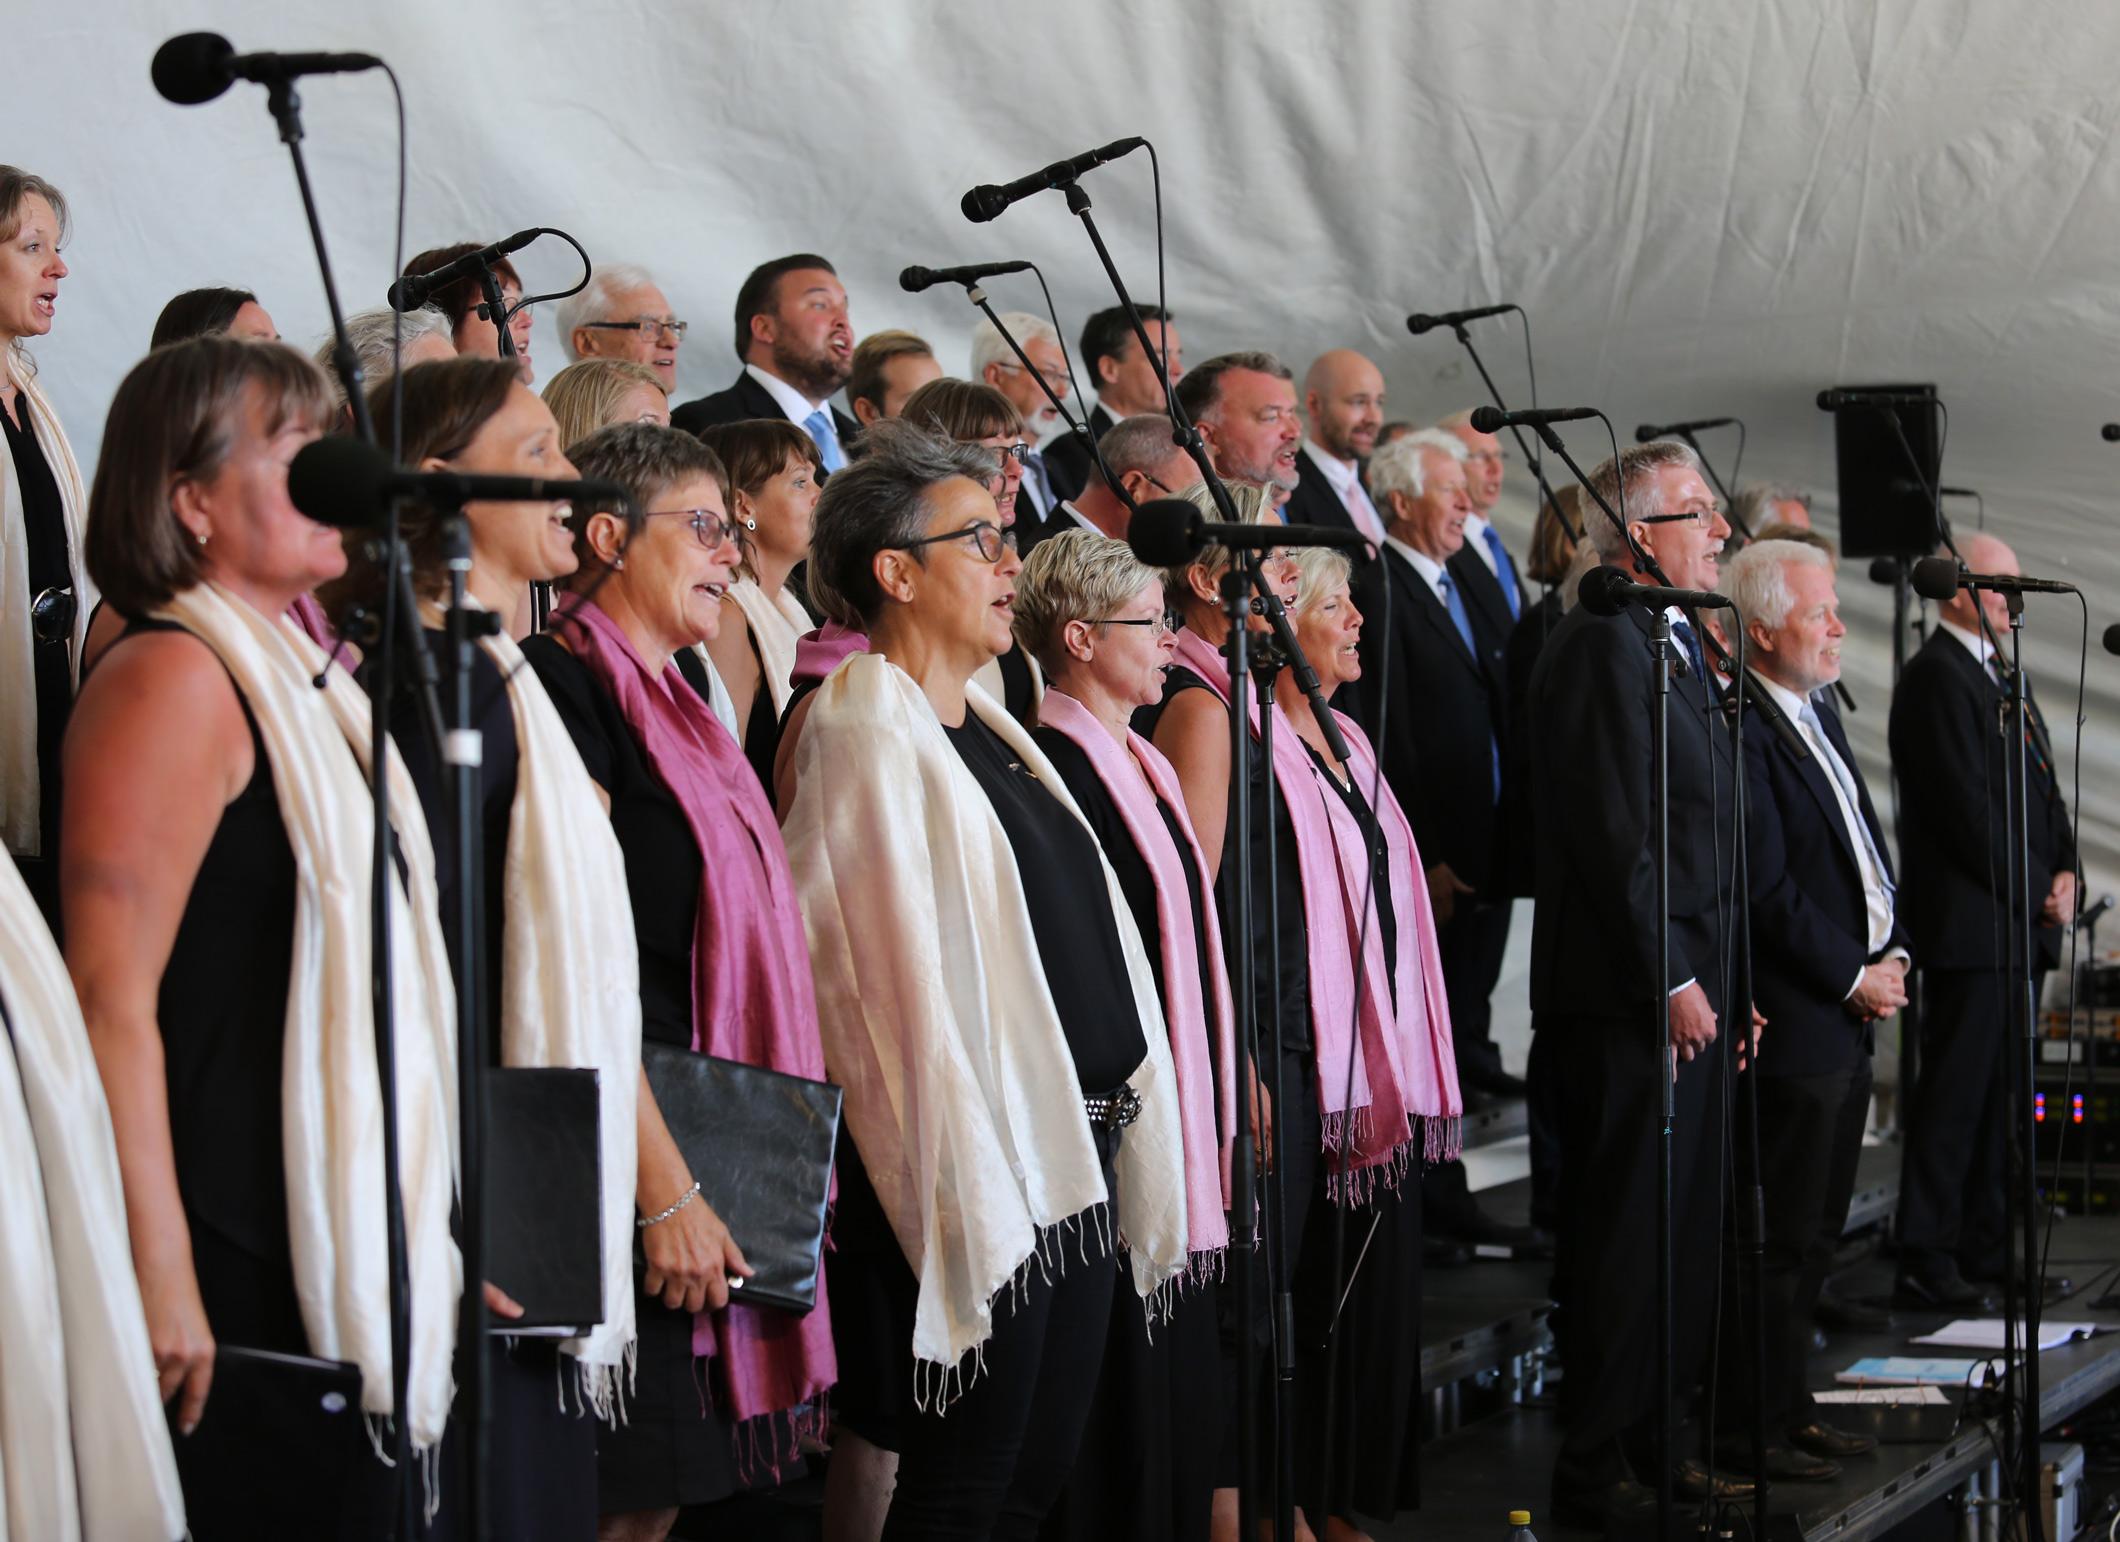 Sofiero 6 juni 2016. Vi sjunger för kungen och drottningen på Sofieros 150-årsjubileum.